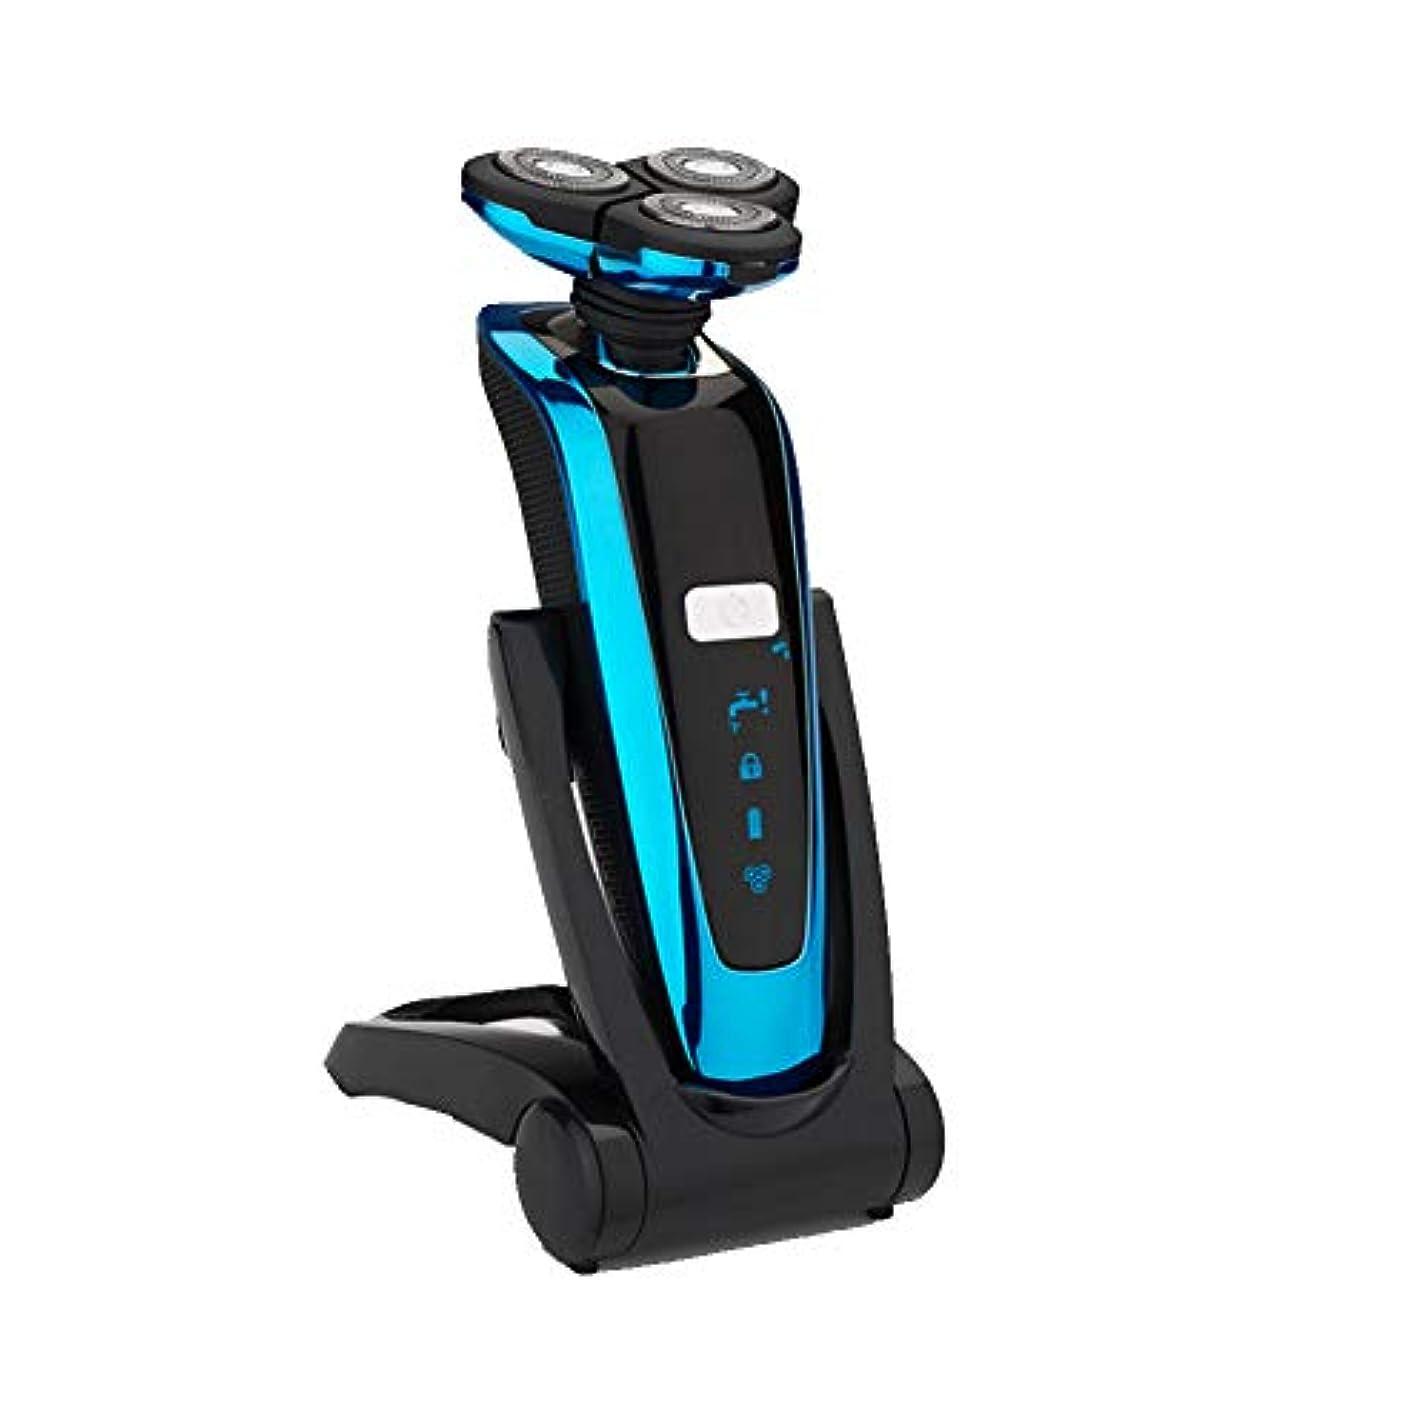 自宅で本会議シンプルな電気かみそり、ウェット&ドライメンズ電気ロータリーかみそり2019更新バージョン充電式防水コードレス多機能グルーミングキット,Blue